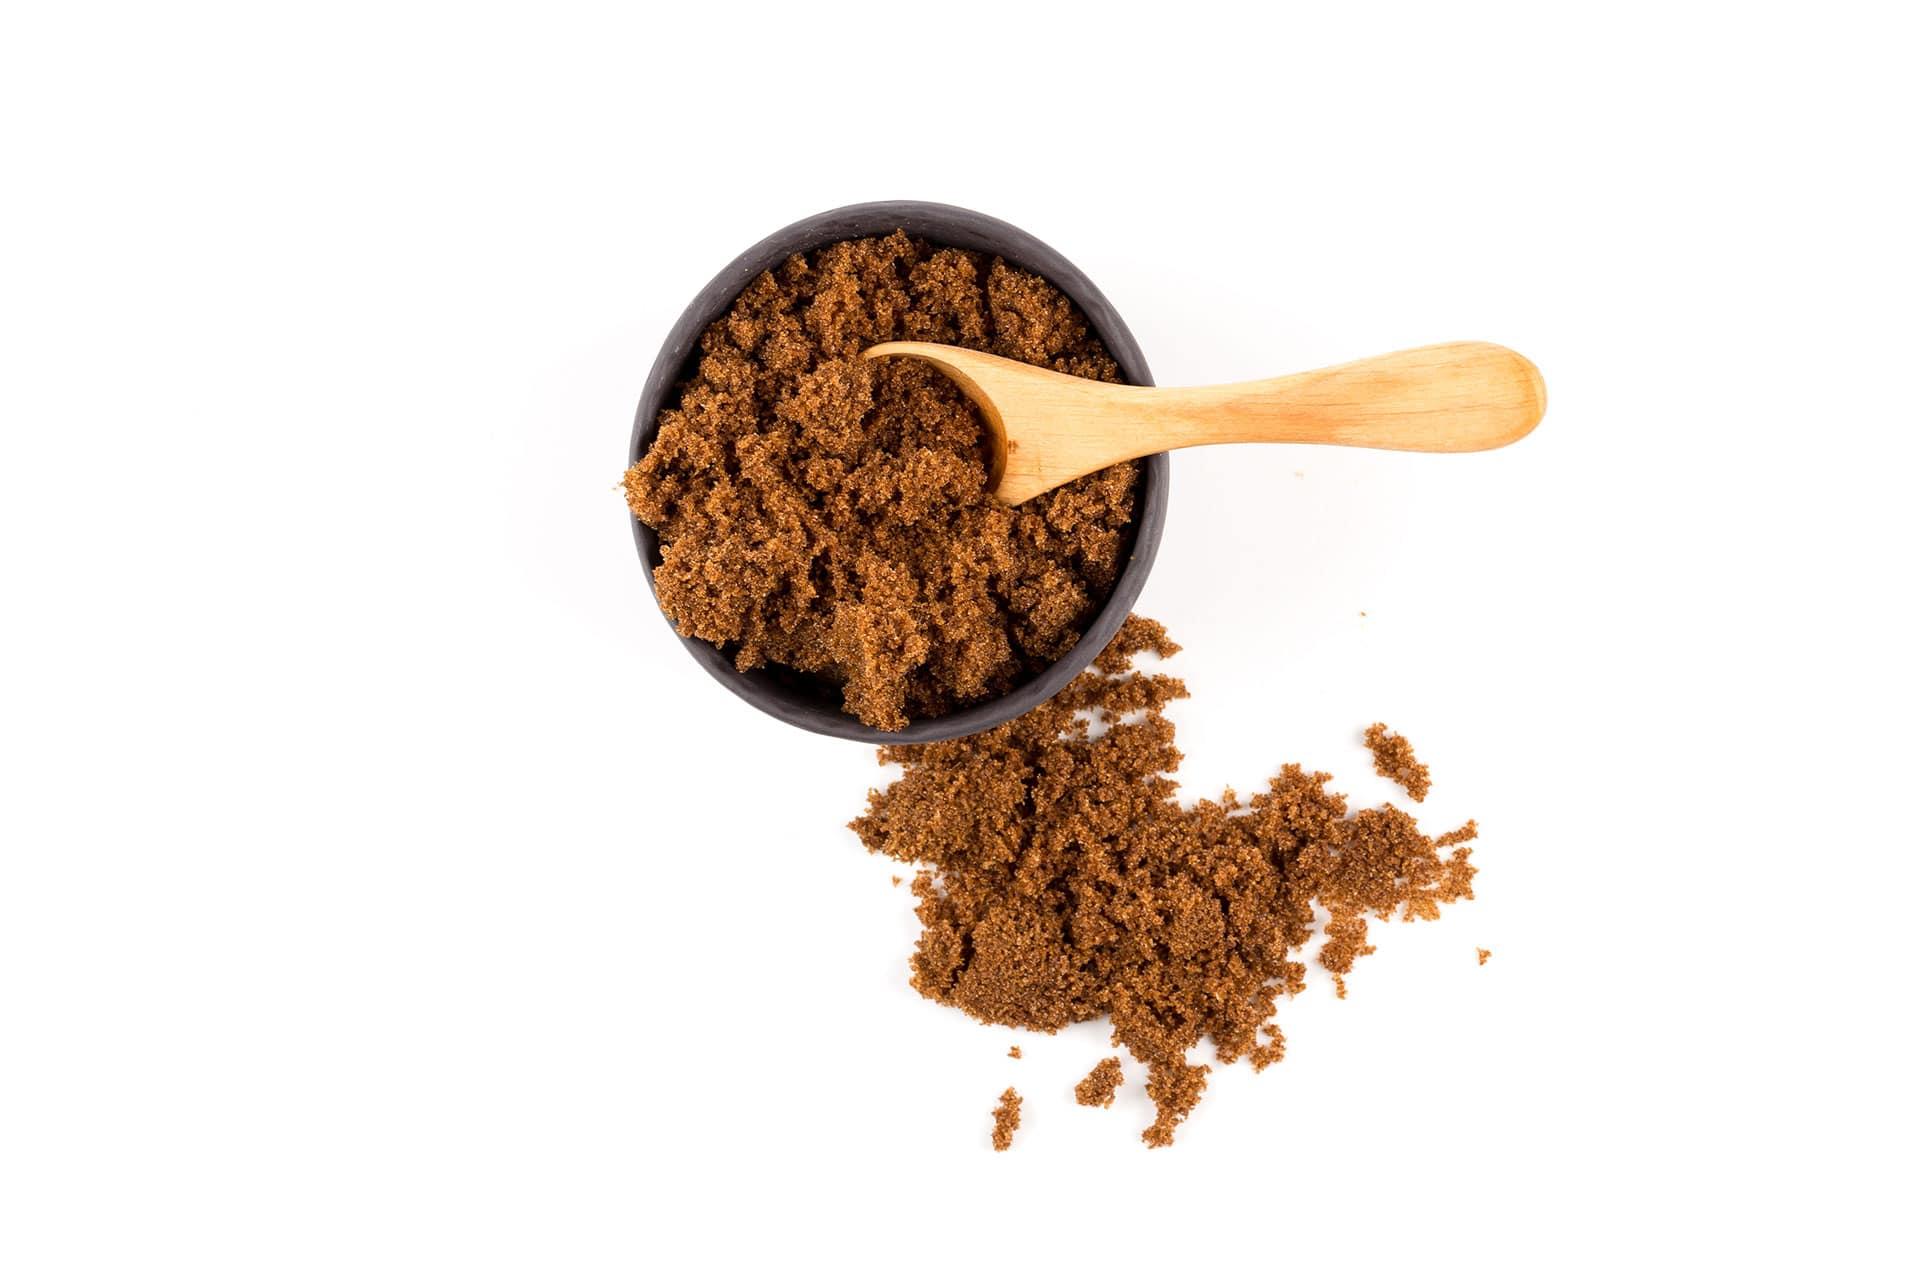 Cukier muscovado - odżywczy cukier trzcinowy